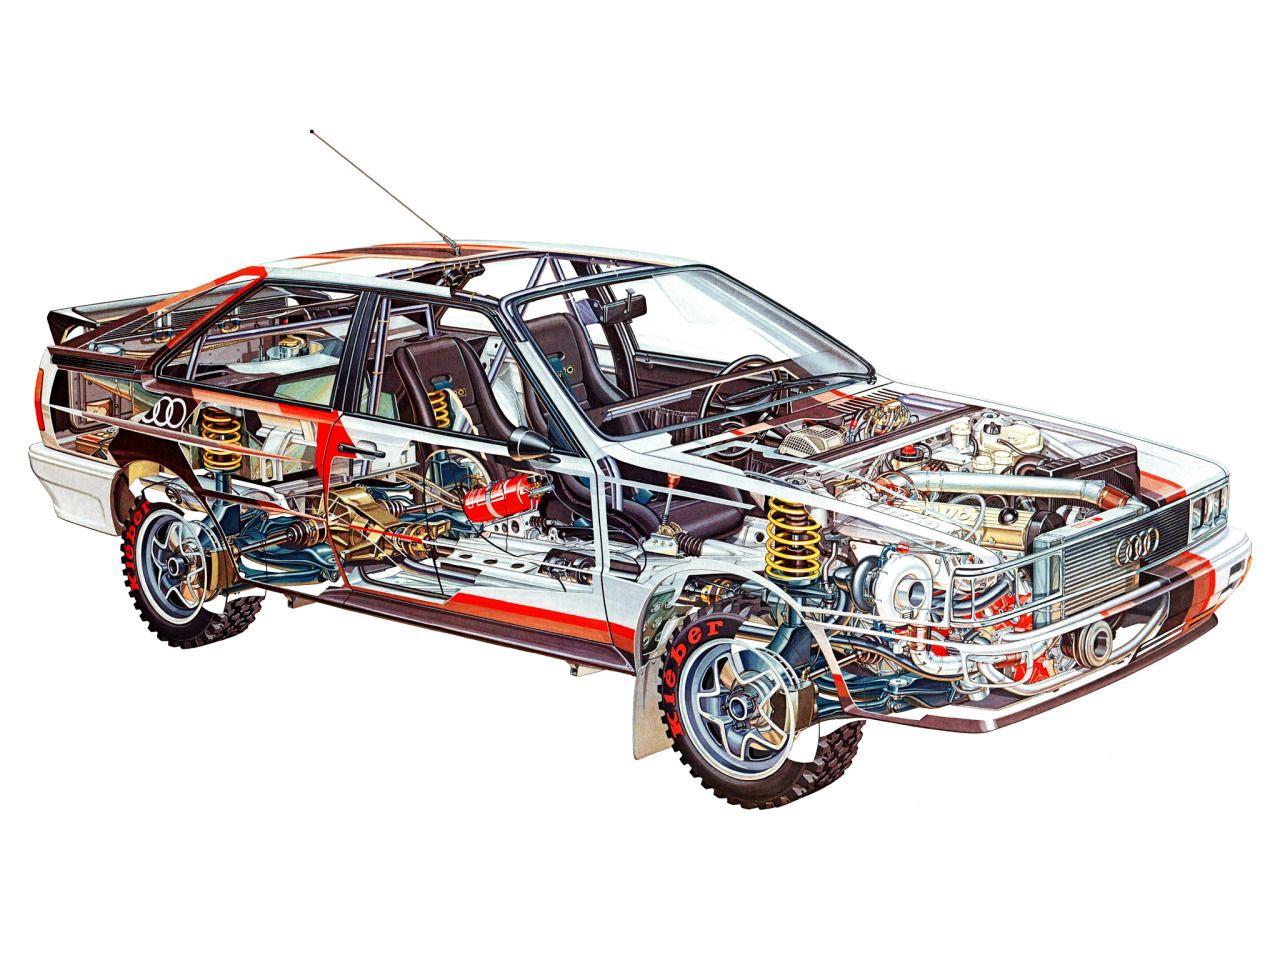 Audi Quattro rally car cutaway